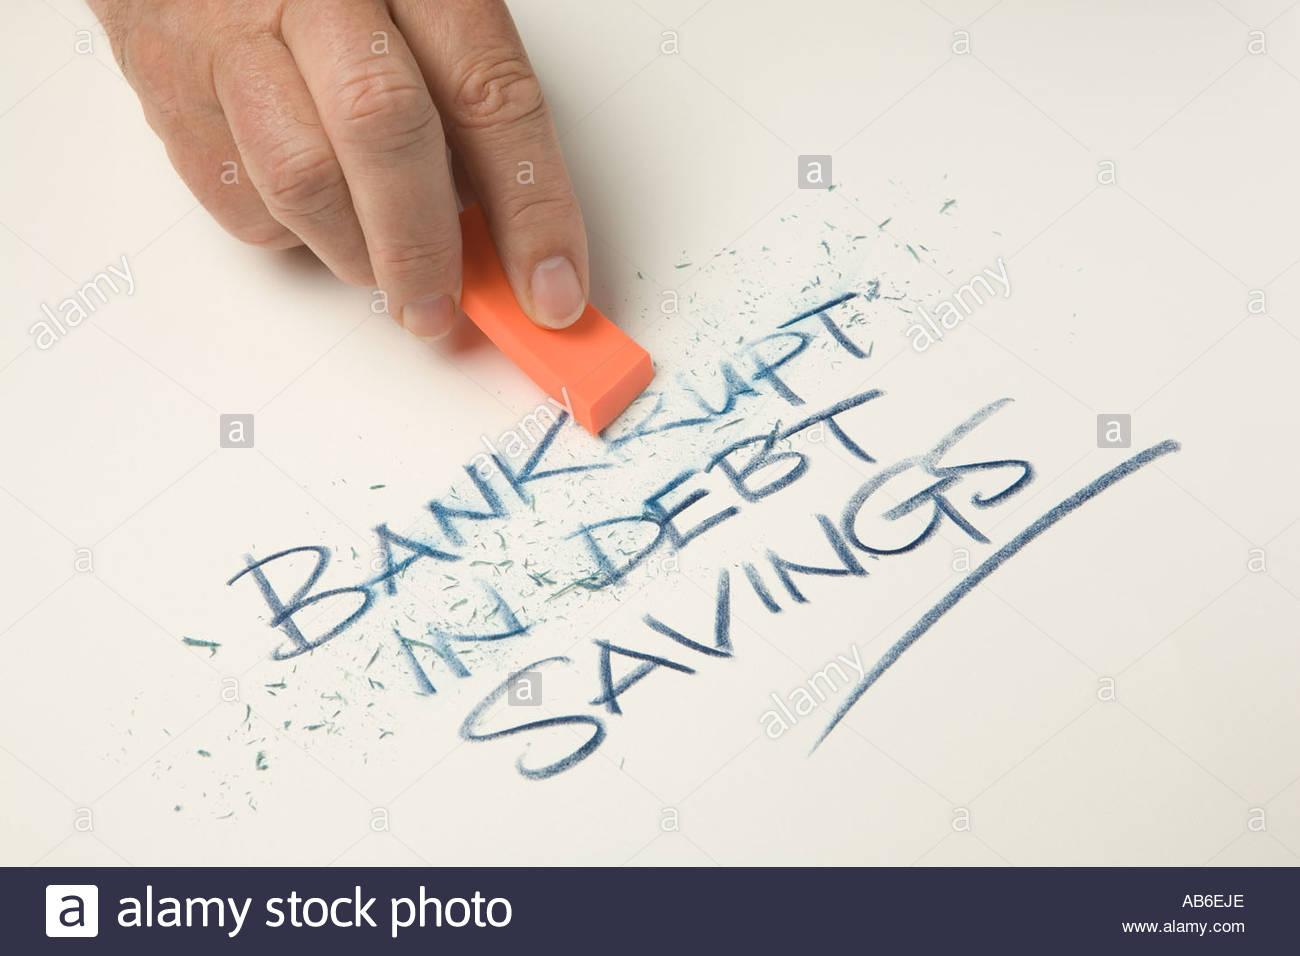 Man mano che tiene un arancio eraser strofinando le parole in bancarotta e in debito. Immagini Stock